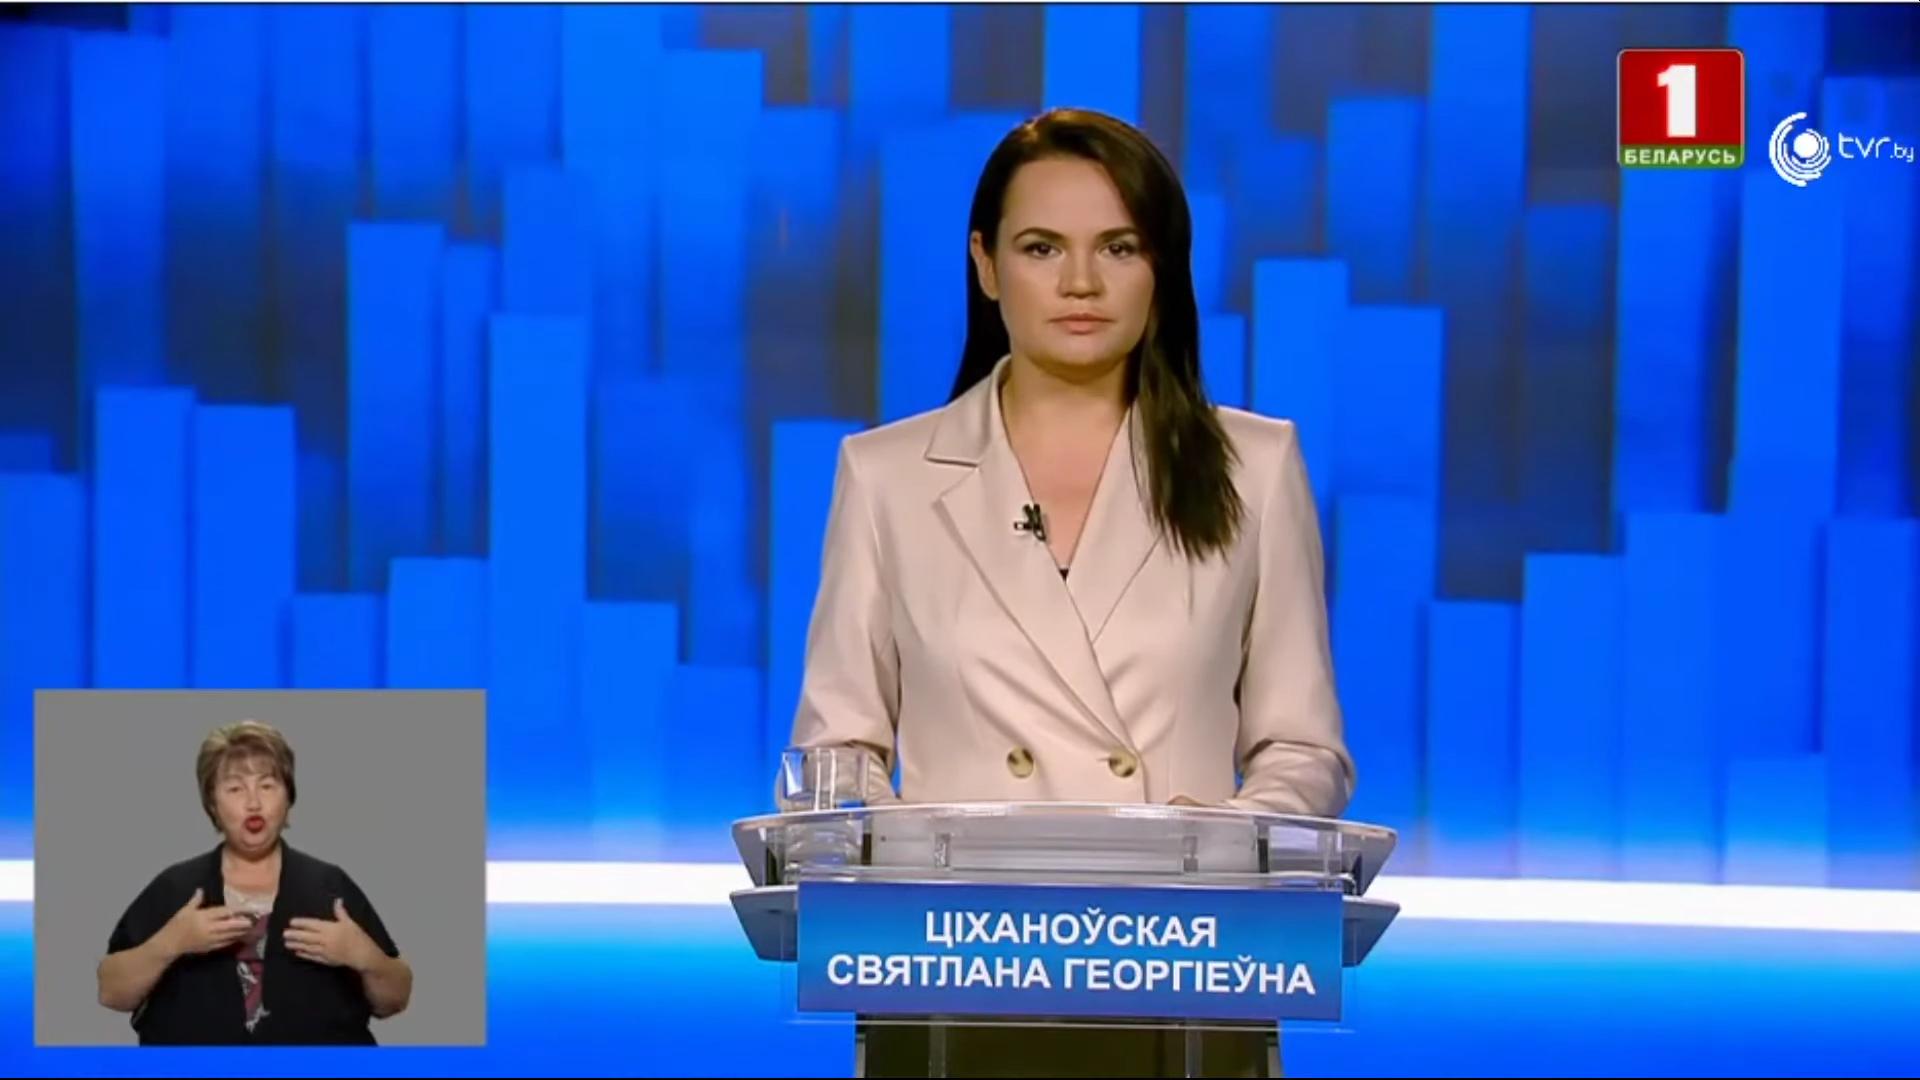 W telewizji wam nie pokażą… wystąpienie Cichanouskiej na kanale Belarus 1